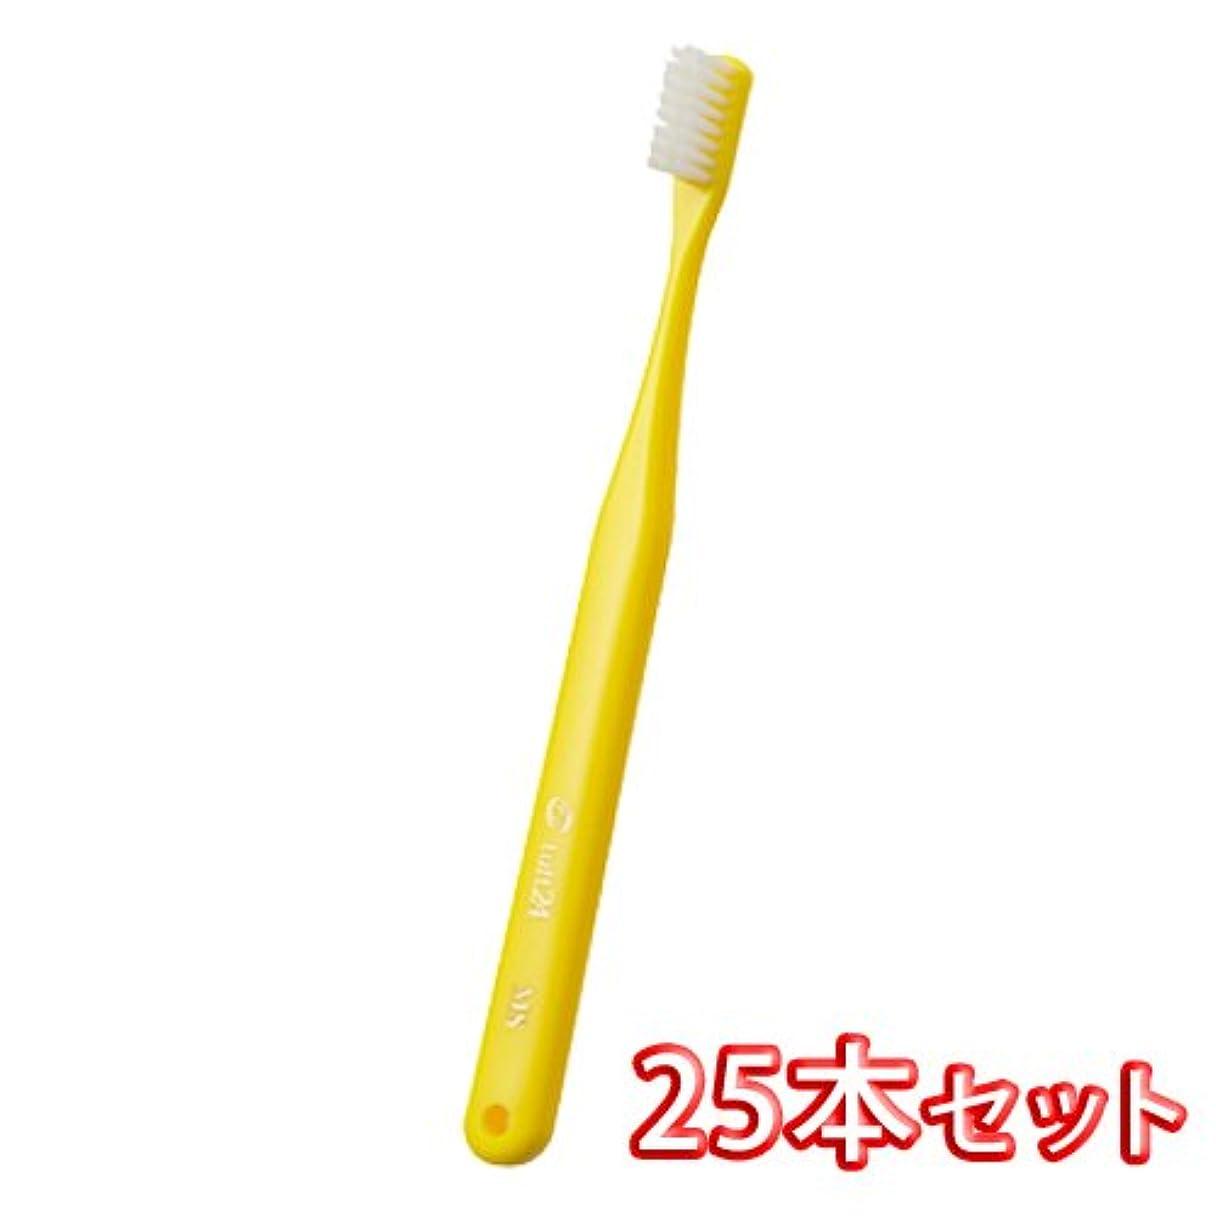 外向き懲戒フィットオーラルケア キャップ付き タフト 24 歯ブラシ エクストラスーパーソフト 25本 (イエロー)